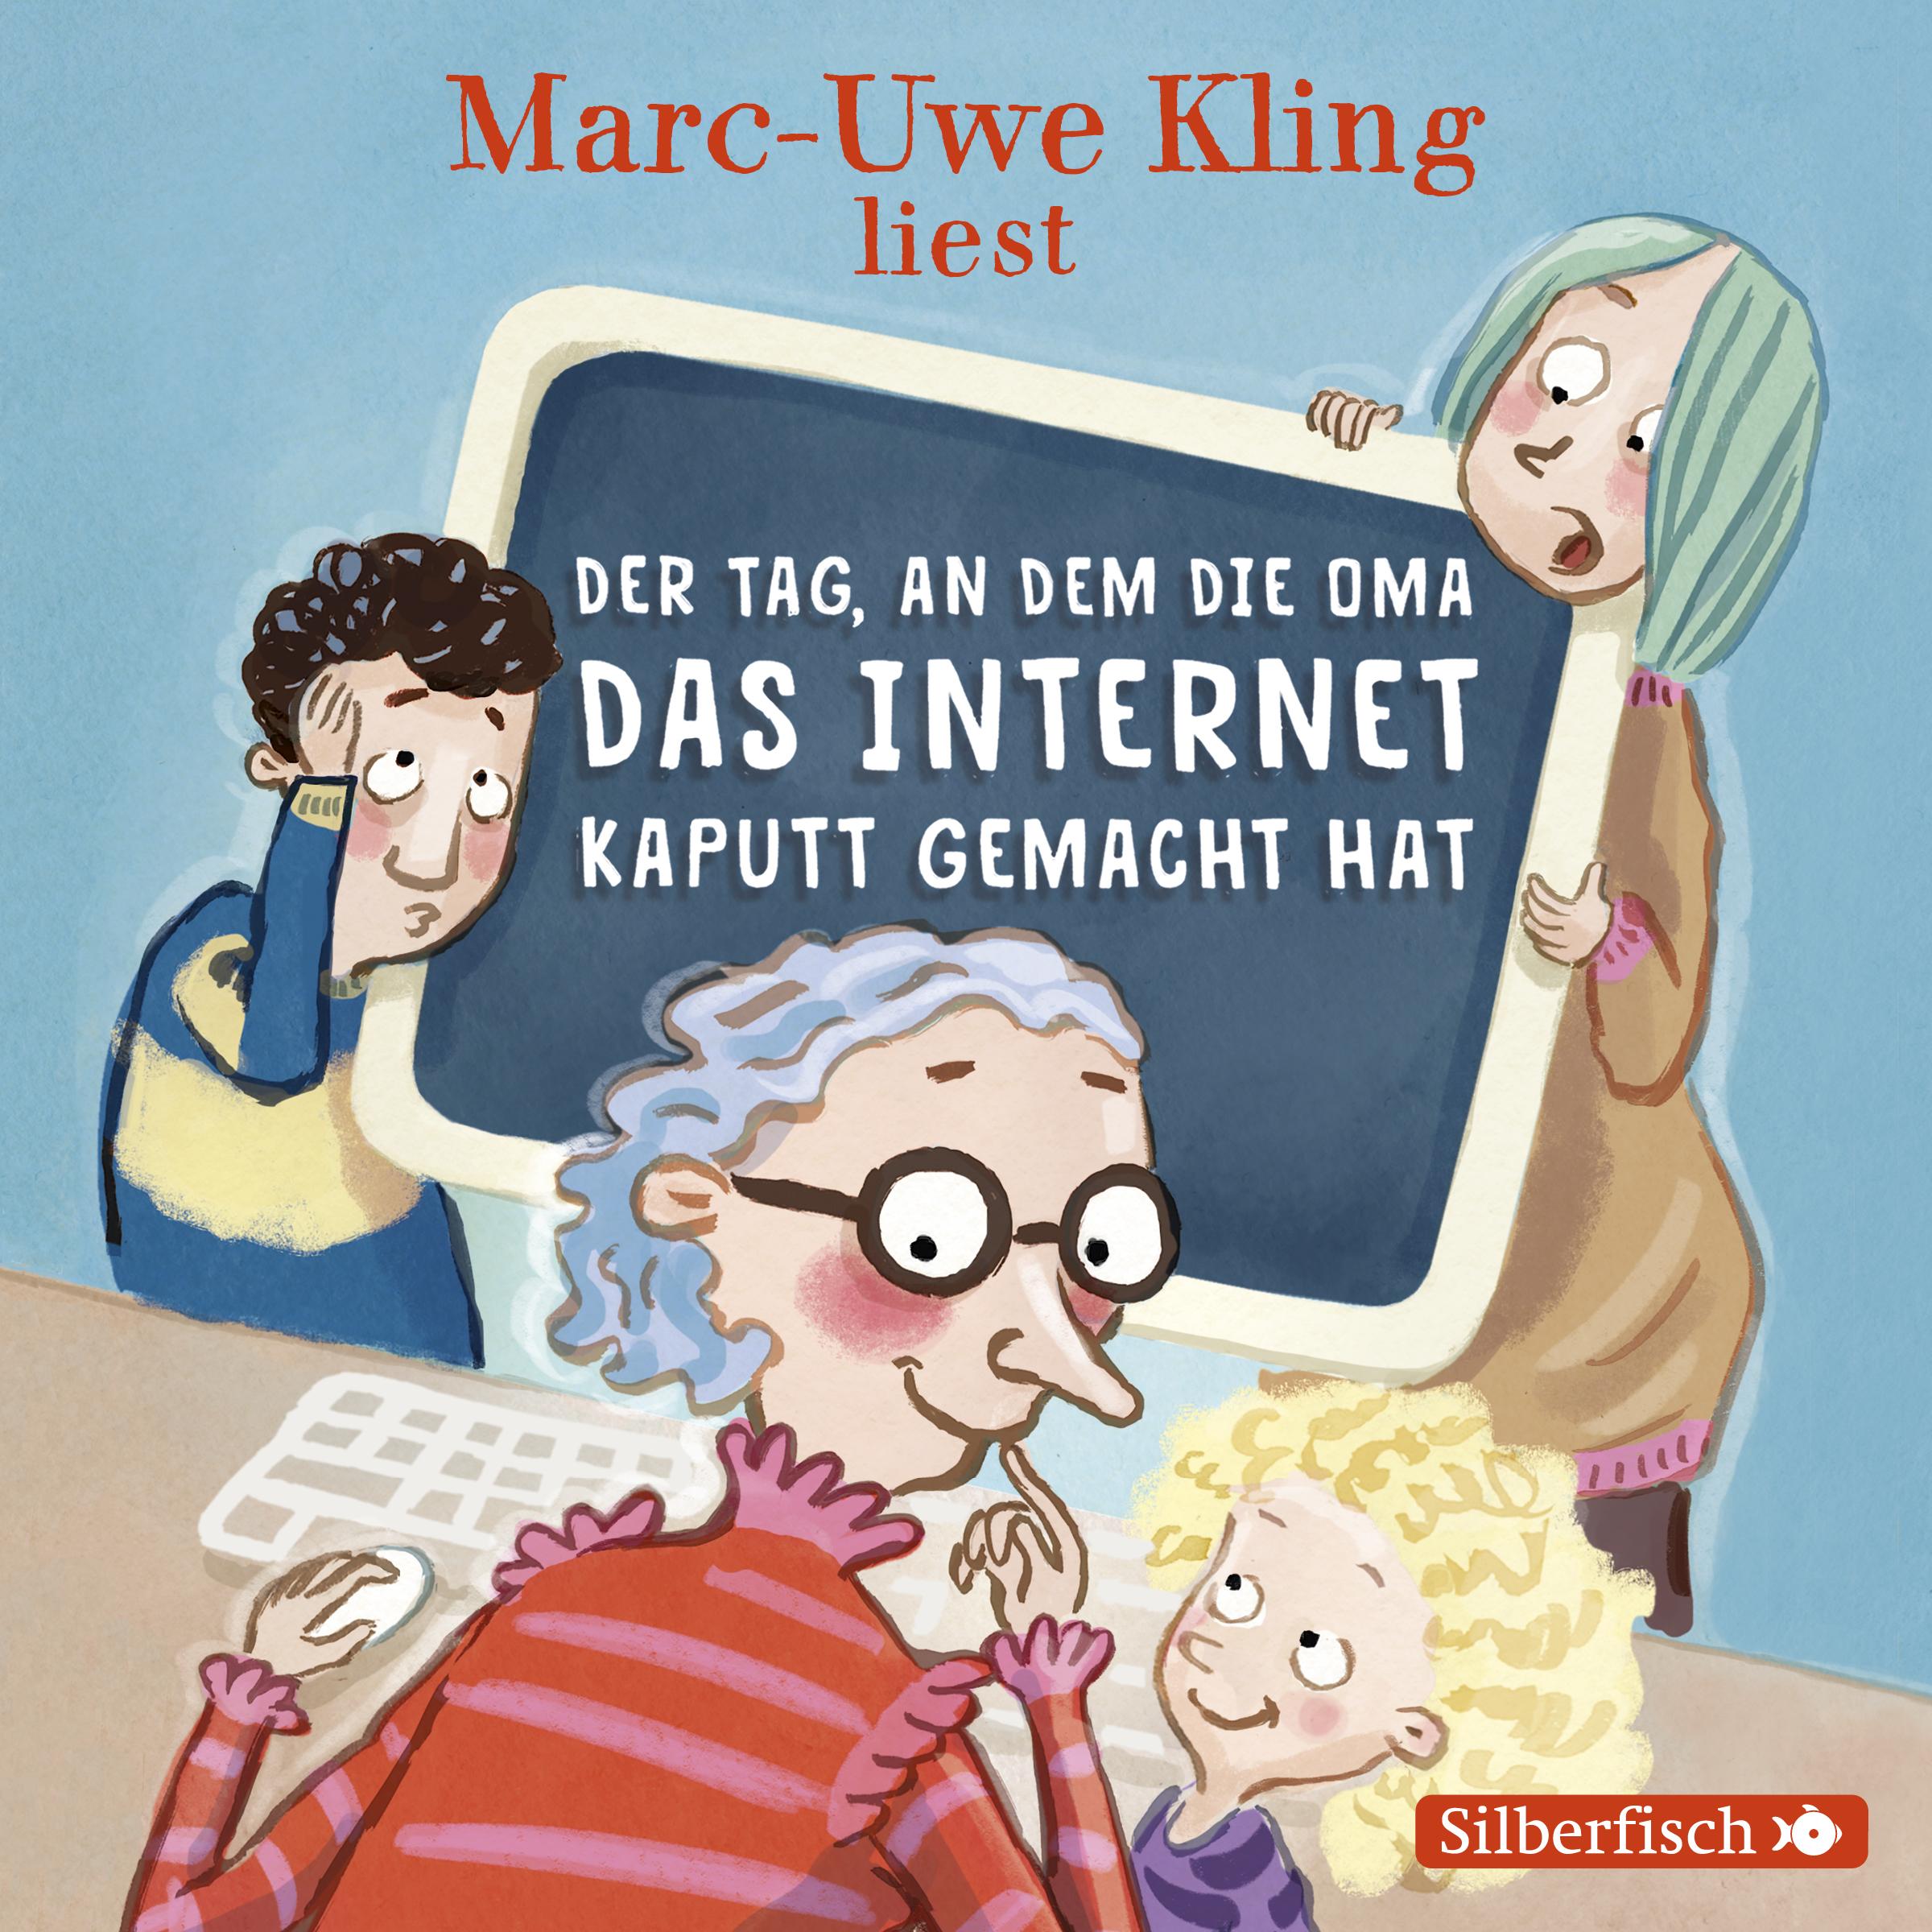 Hörbuch: Kling - Der Tag, an dem die Oma das Internet